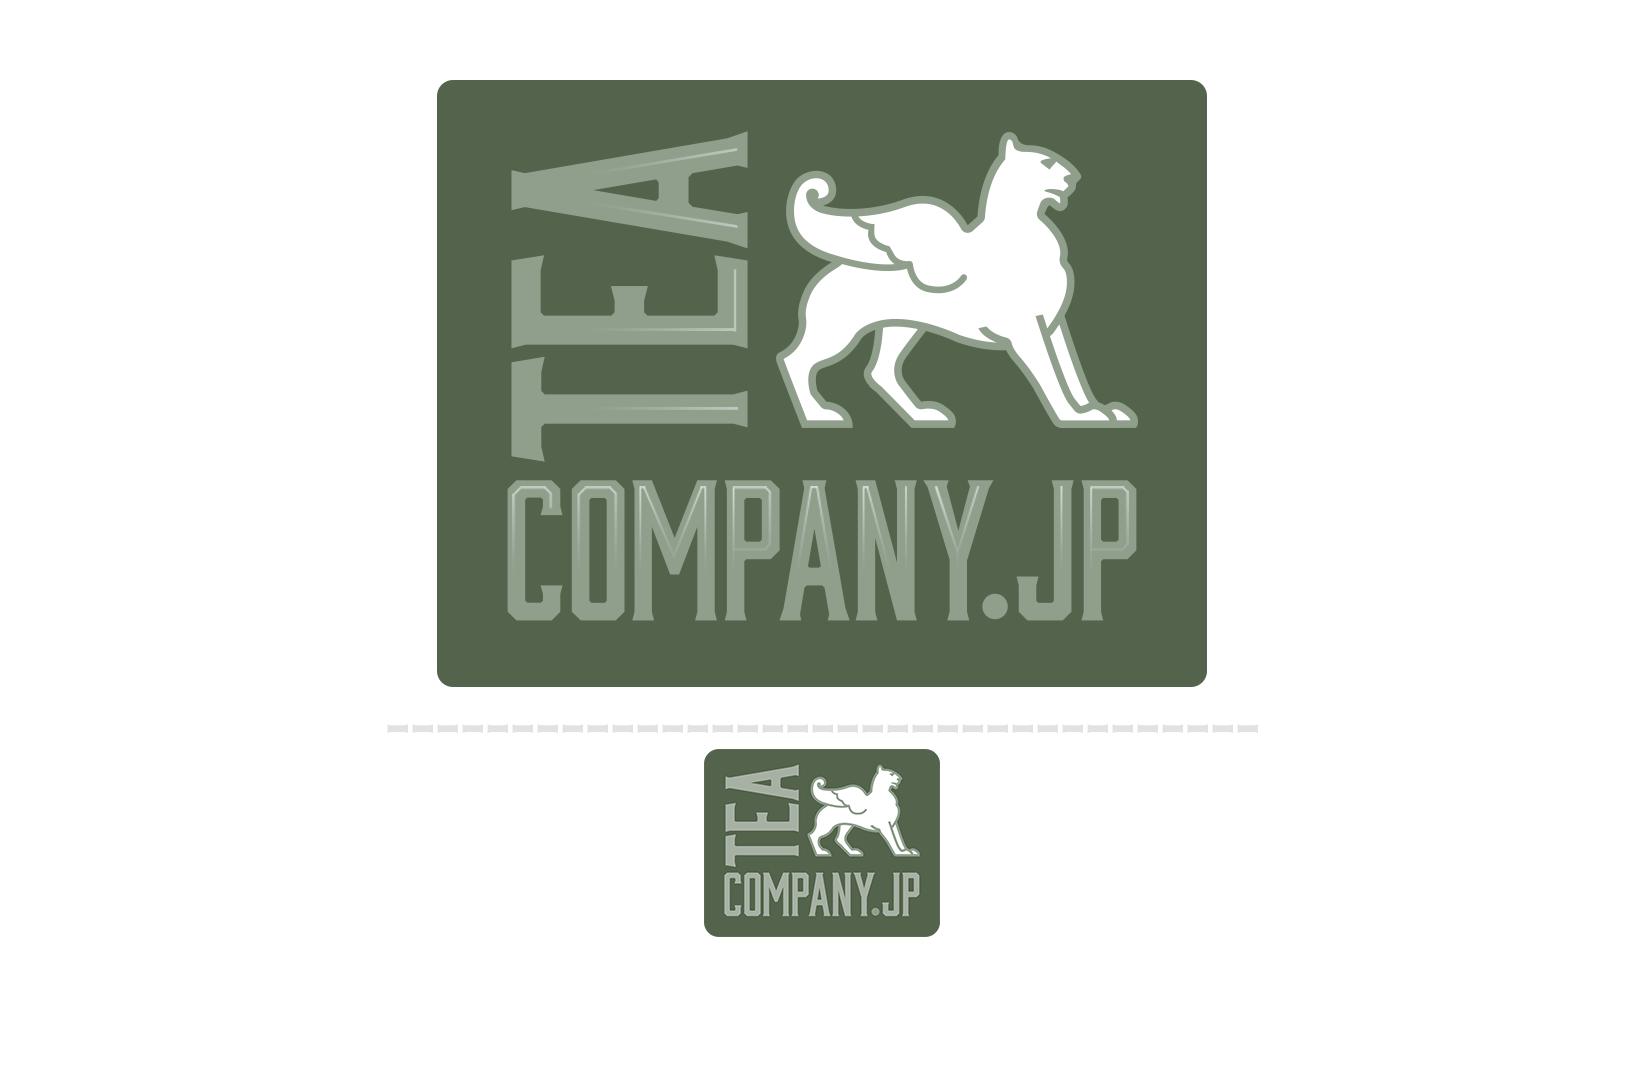 Tea Company Logotype